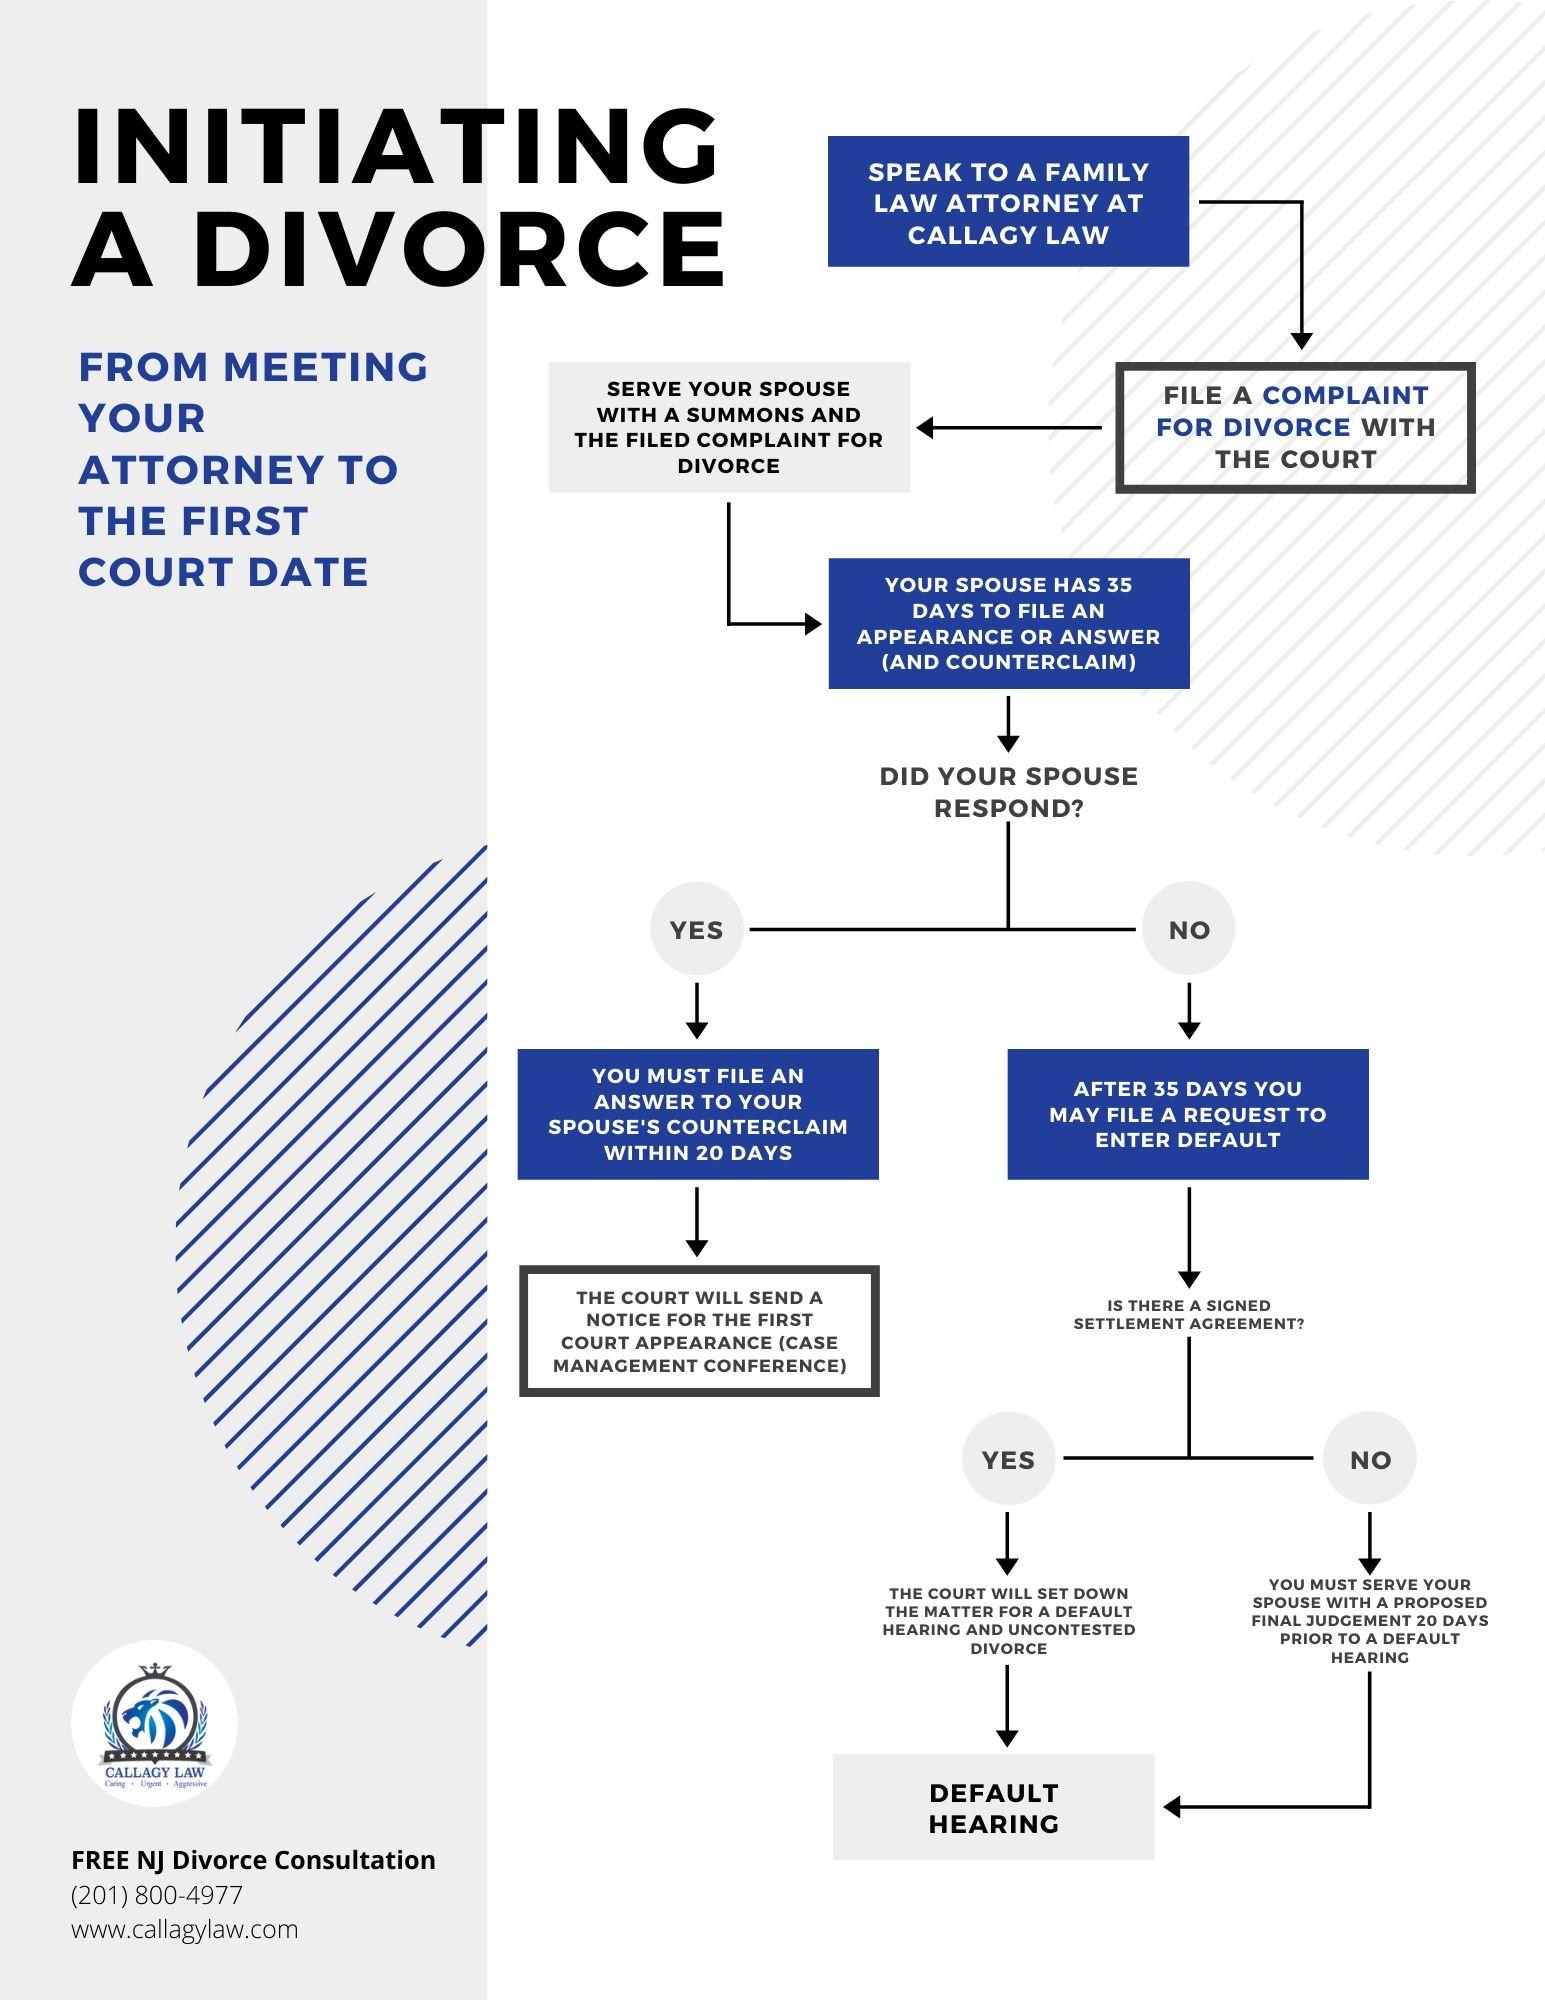 NJ Divorce Process Road Map: Step 1 - Initiating a Divorce